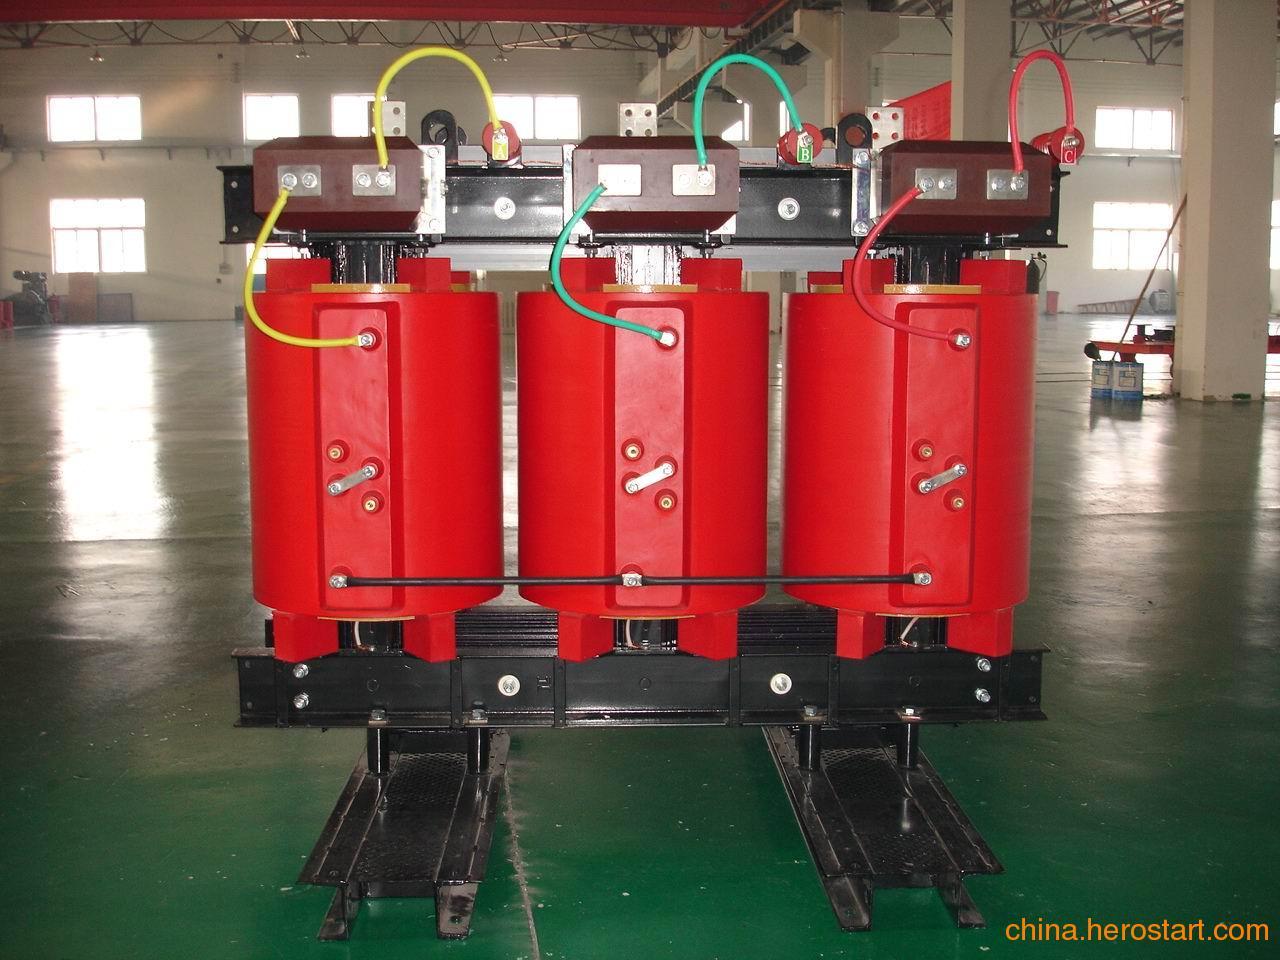 供应咸宁电力变压器厂家 咸宁10kv干式变压器价格